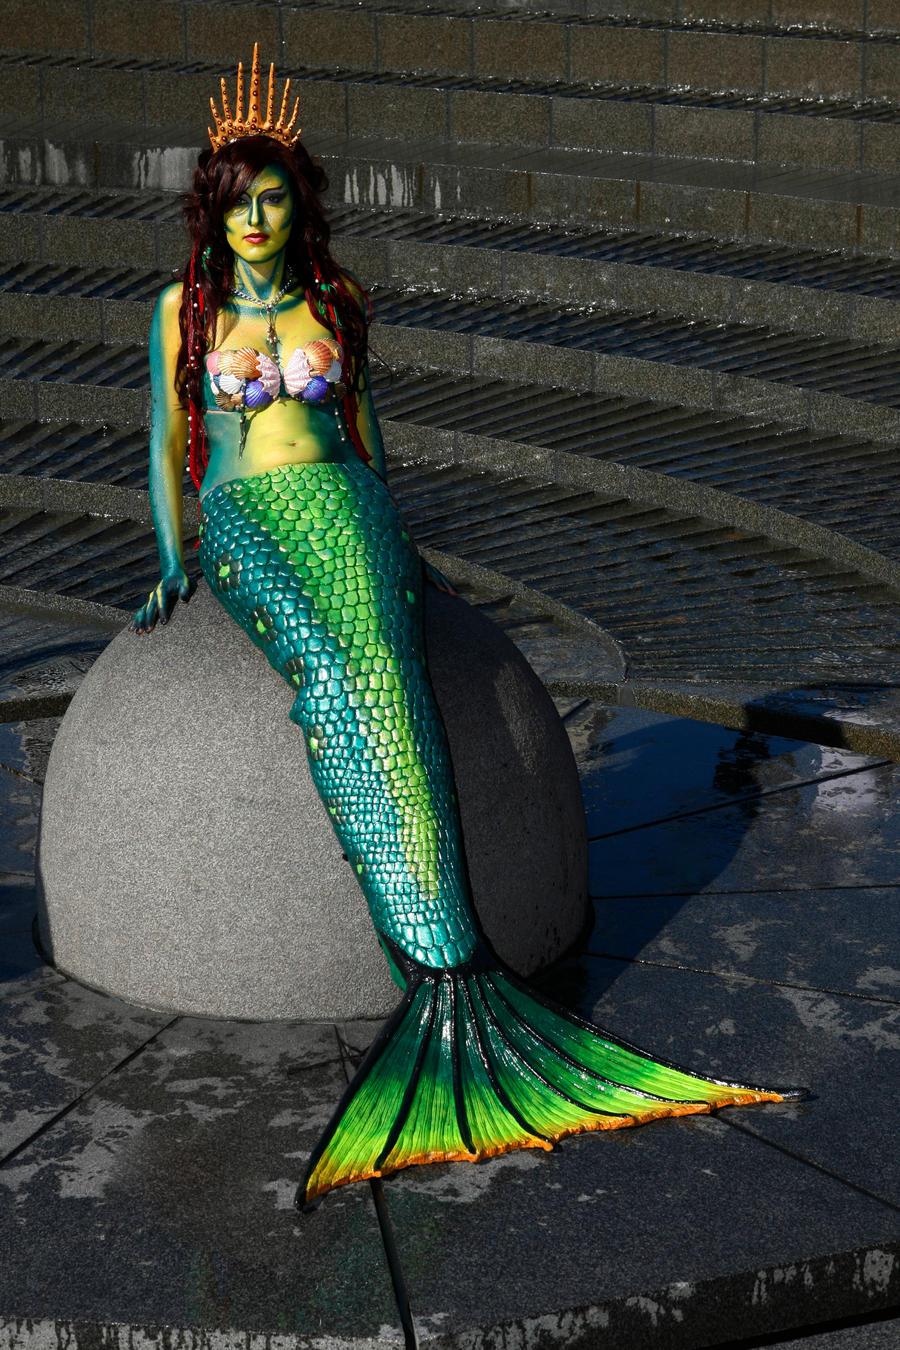 Mermaid by Hay-31